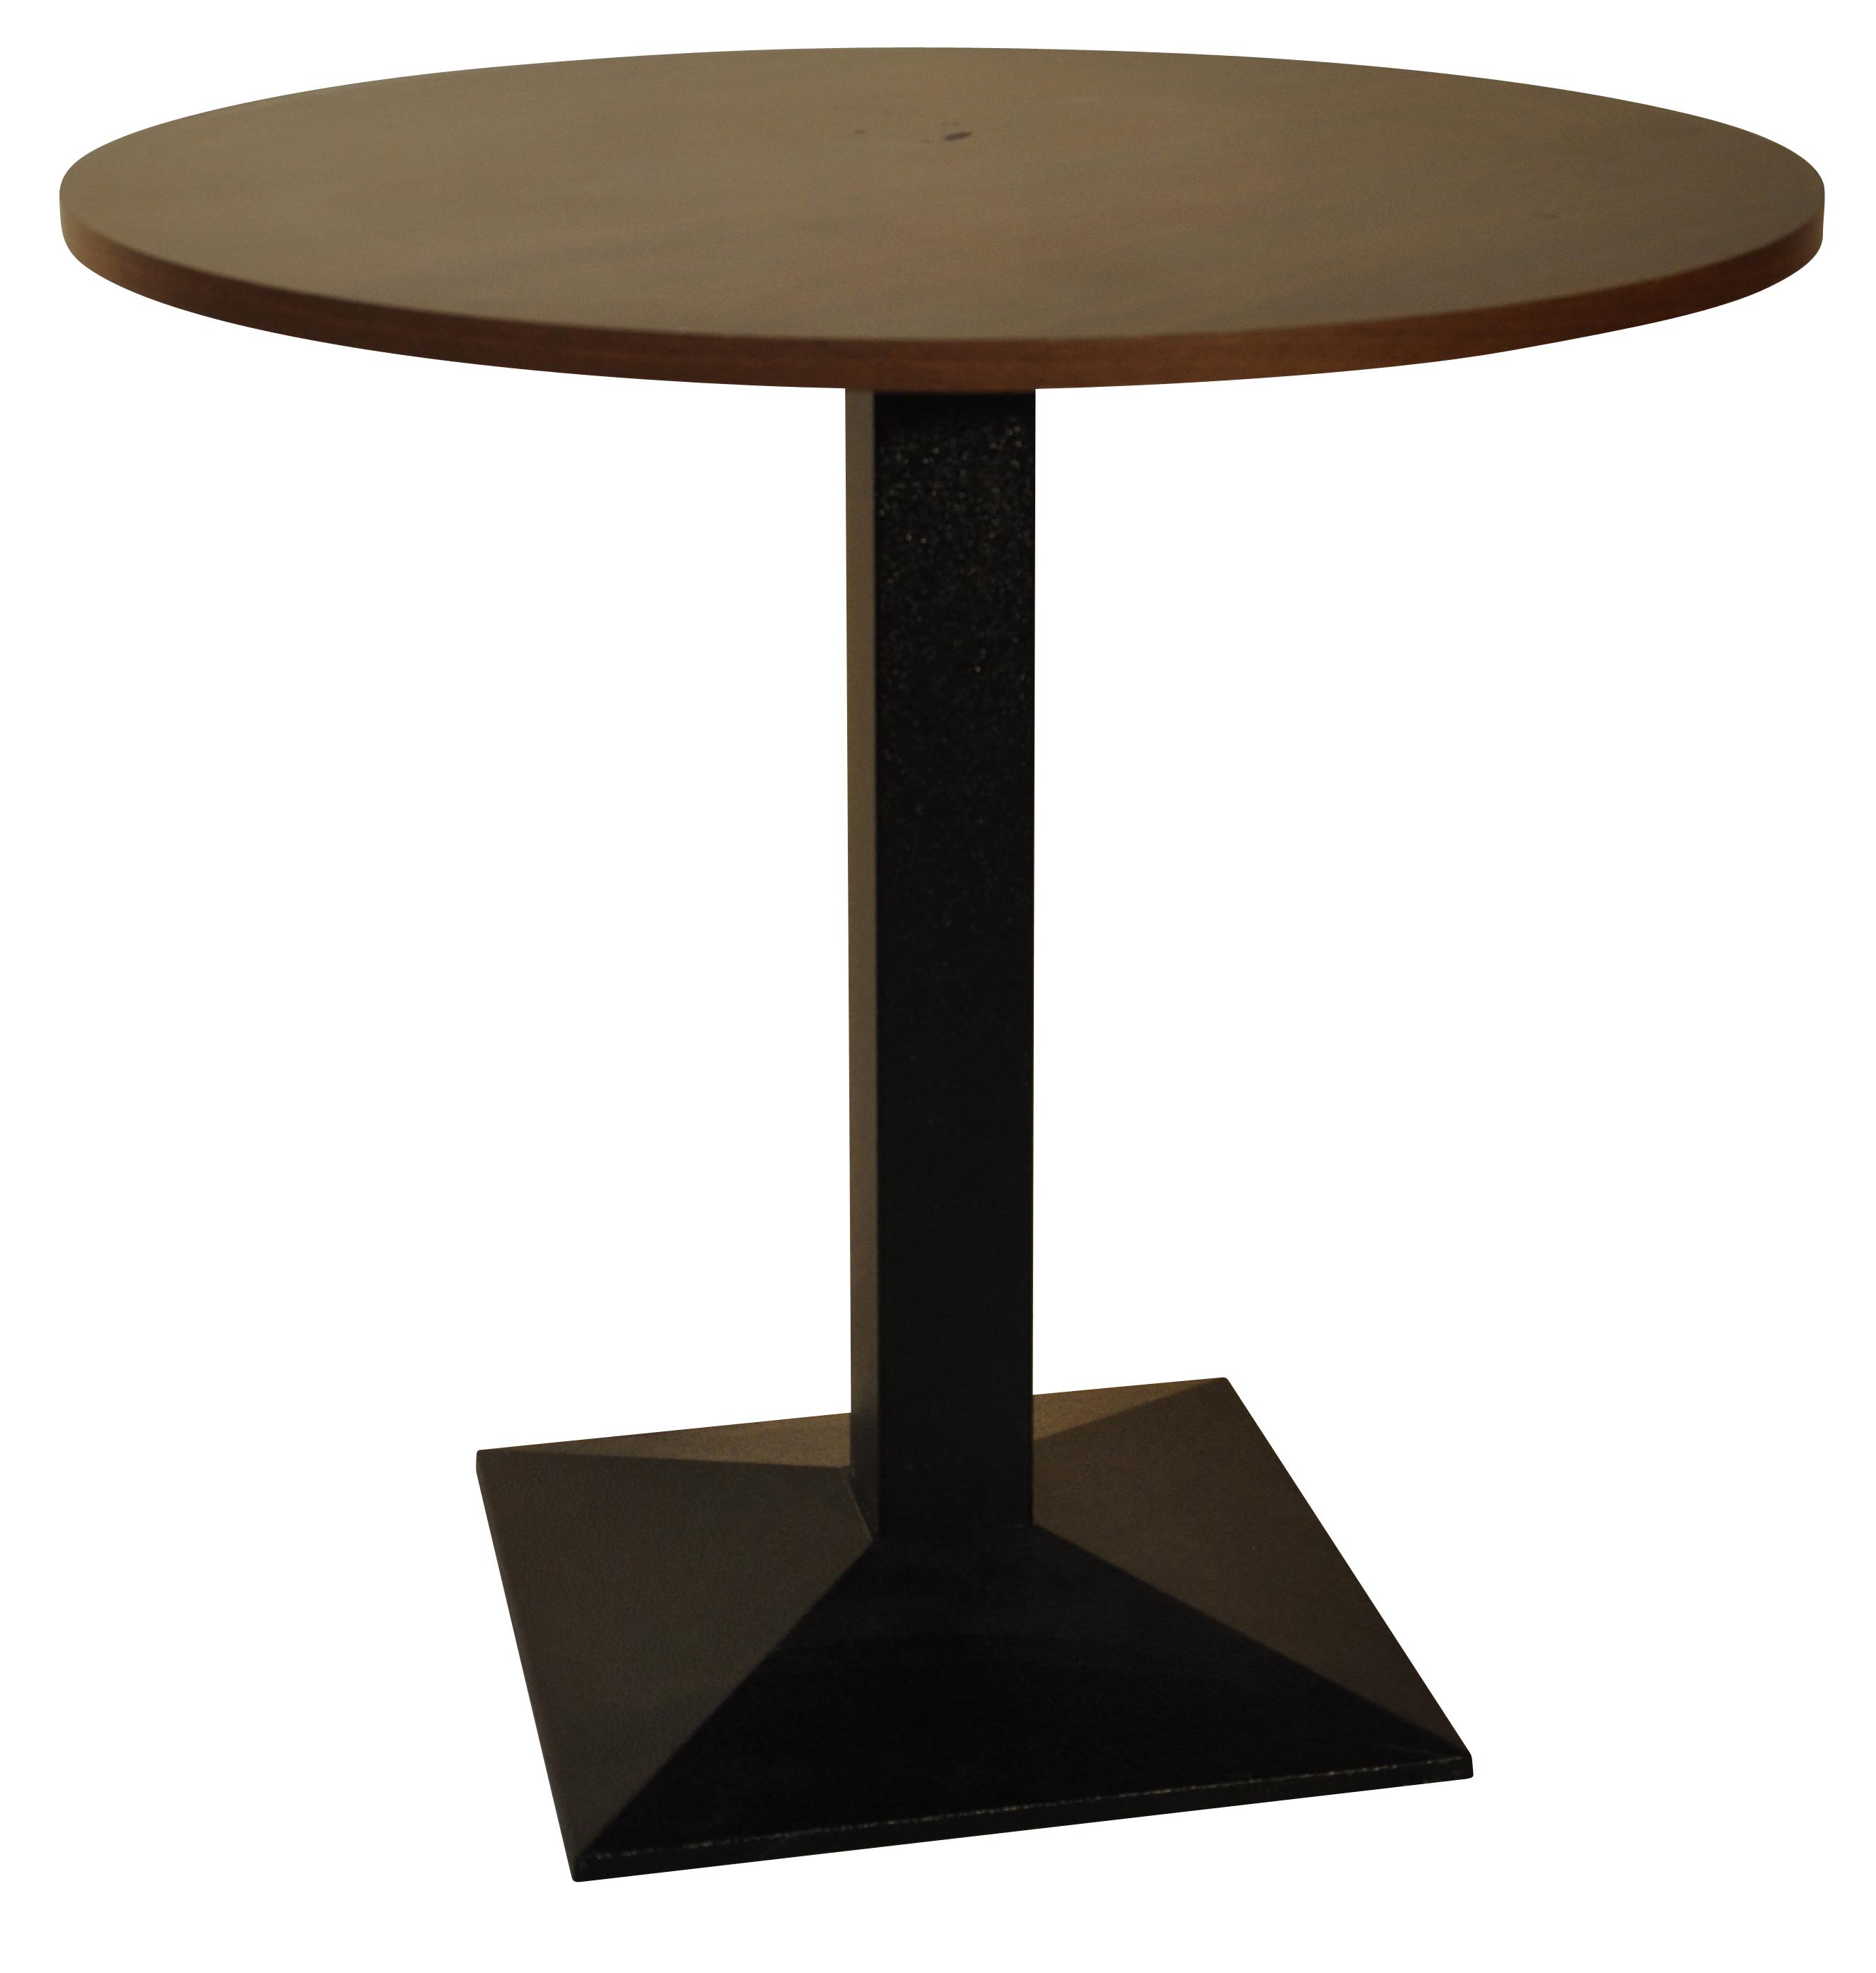 table pied 507 fonte noire plateau diam tre 80 cm. Black Bedroom Furniture Sets. Home Design Ideas